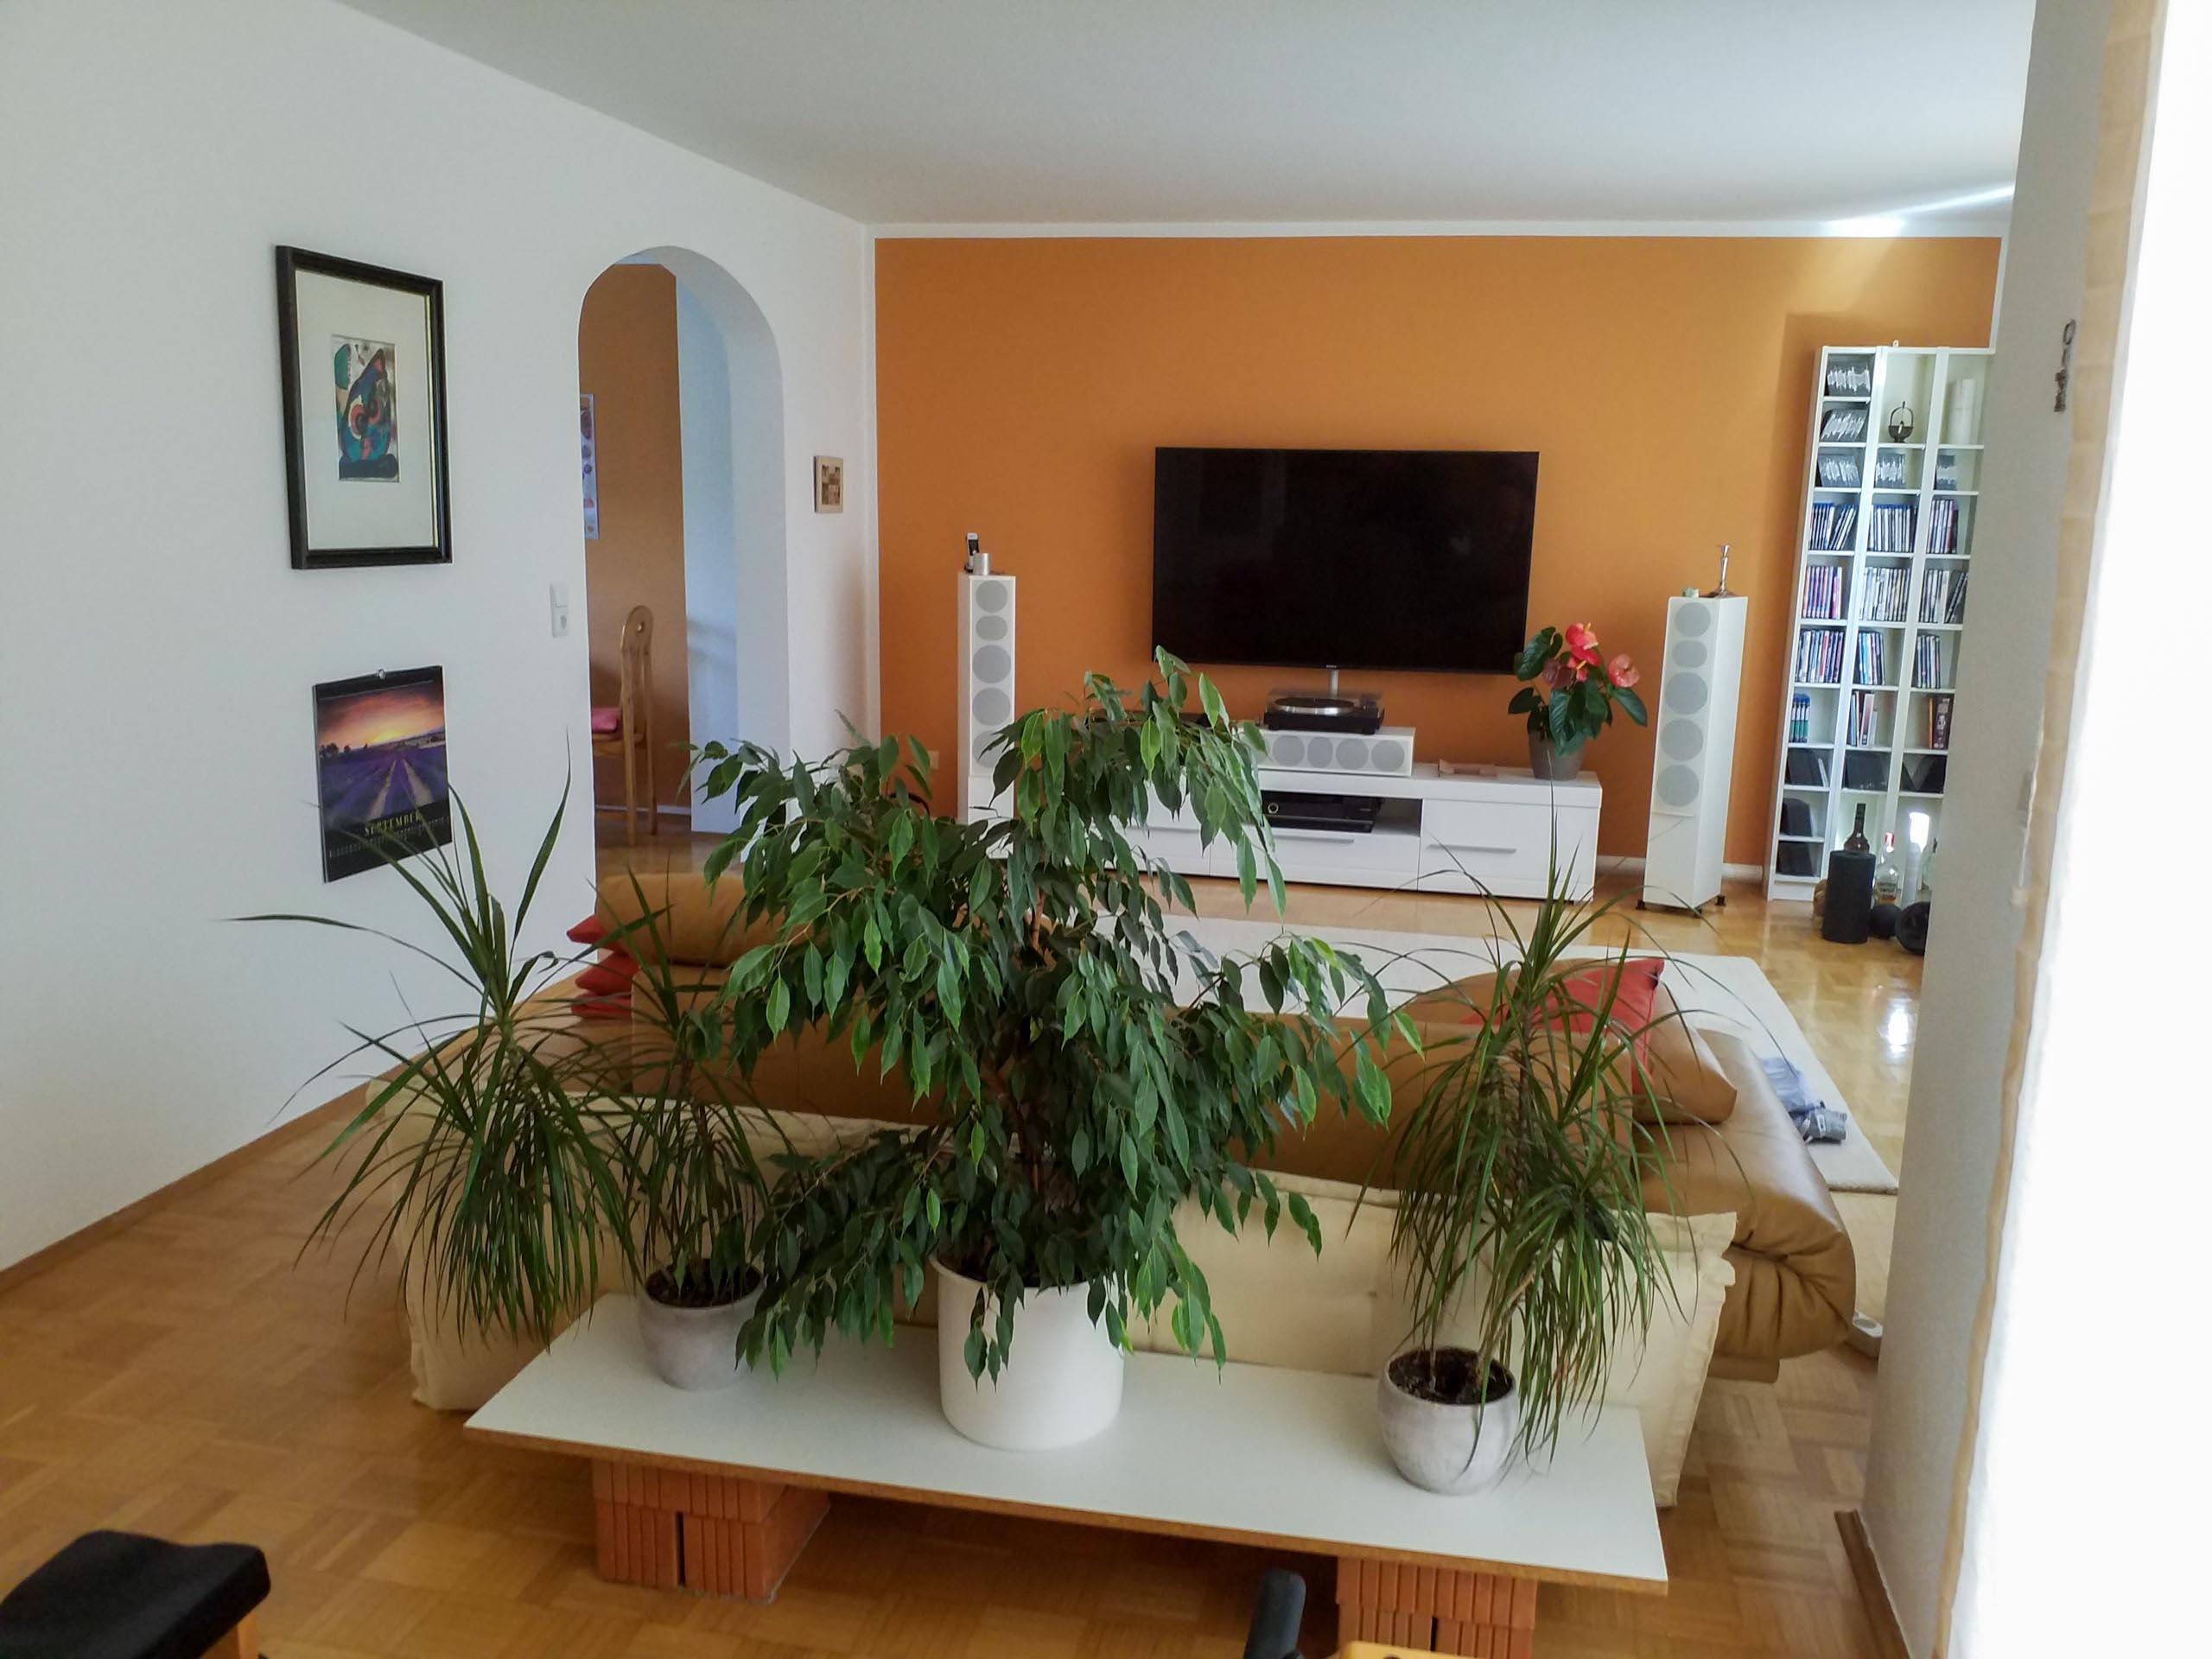 HA 2020 6 living room 003